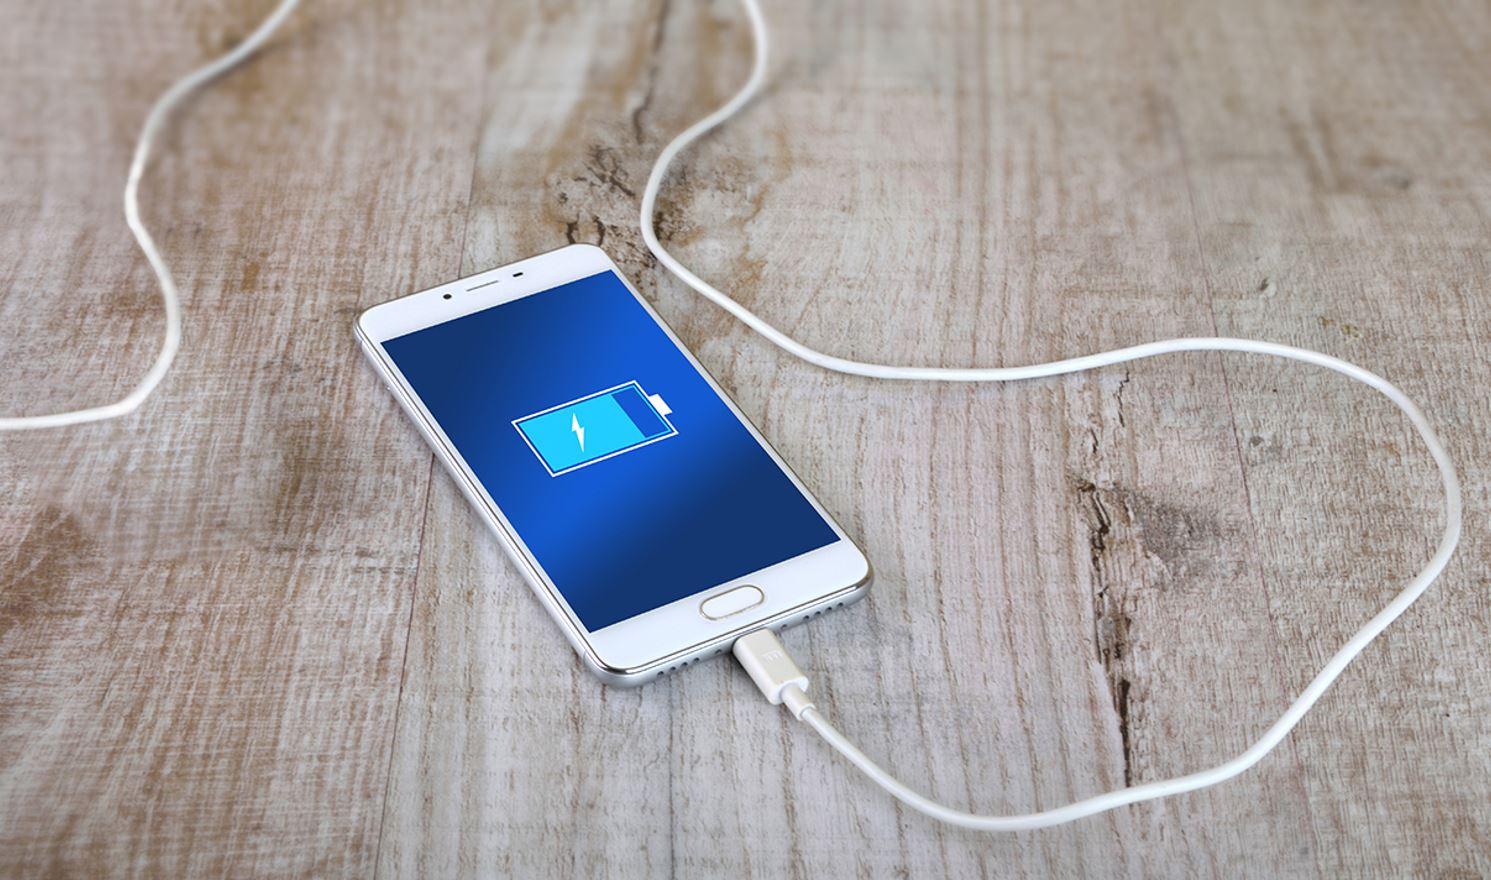 Para una carga eficiente y rápida del móvil, el cable del cargador debe estar en buen estado